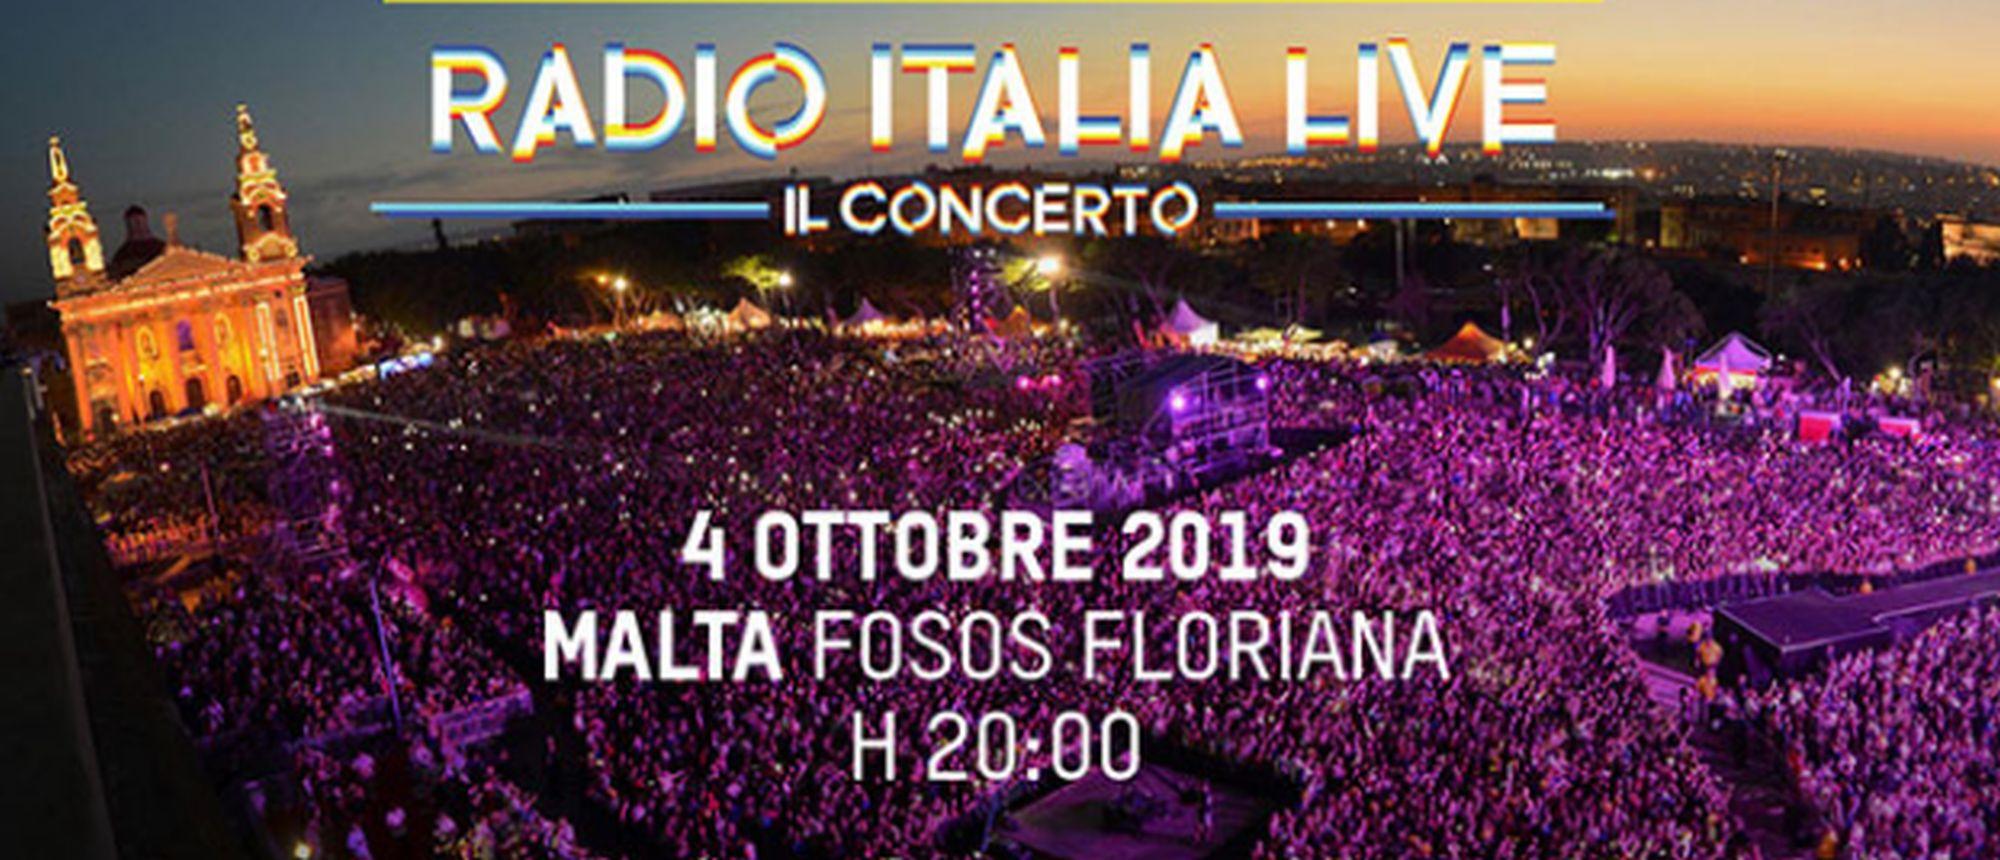 Concerto: Radio Italia Live a Malta